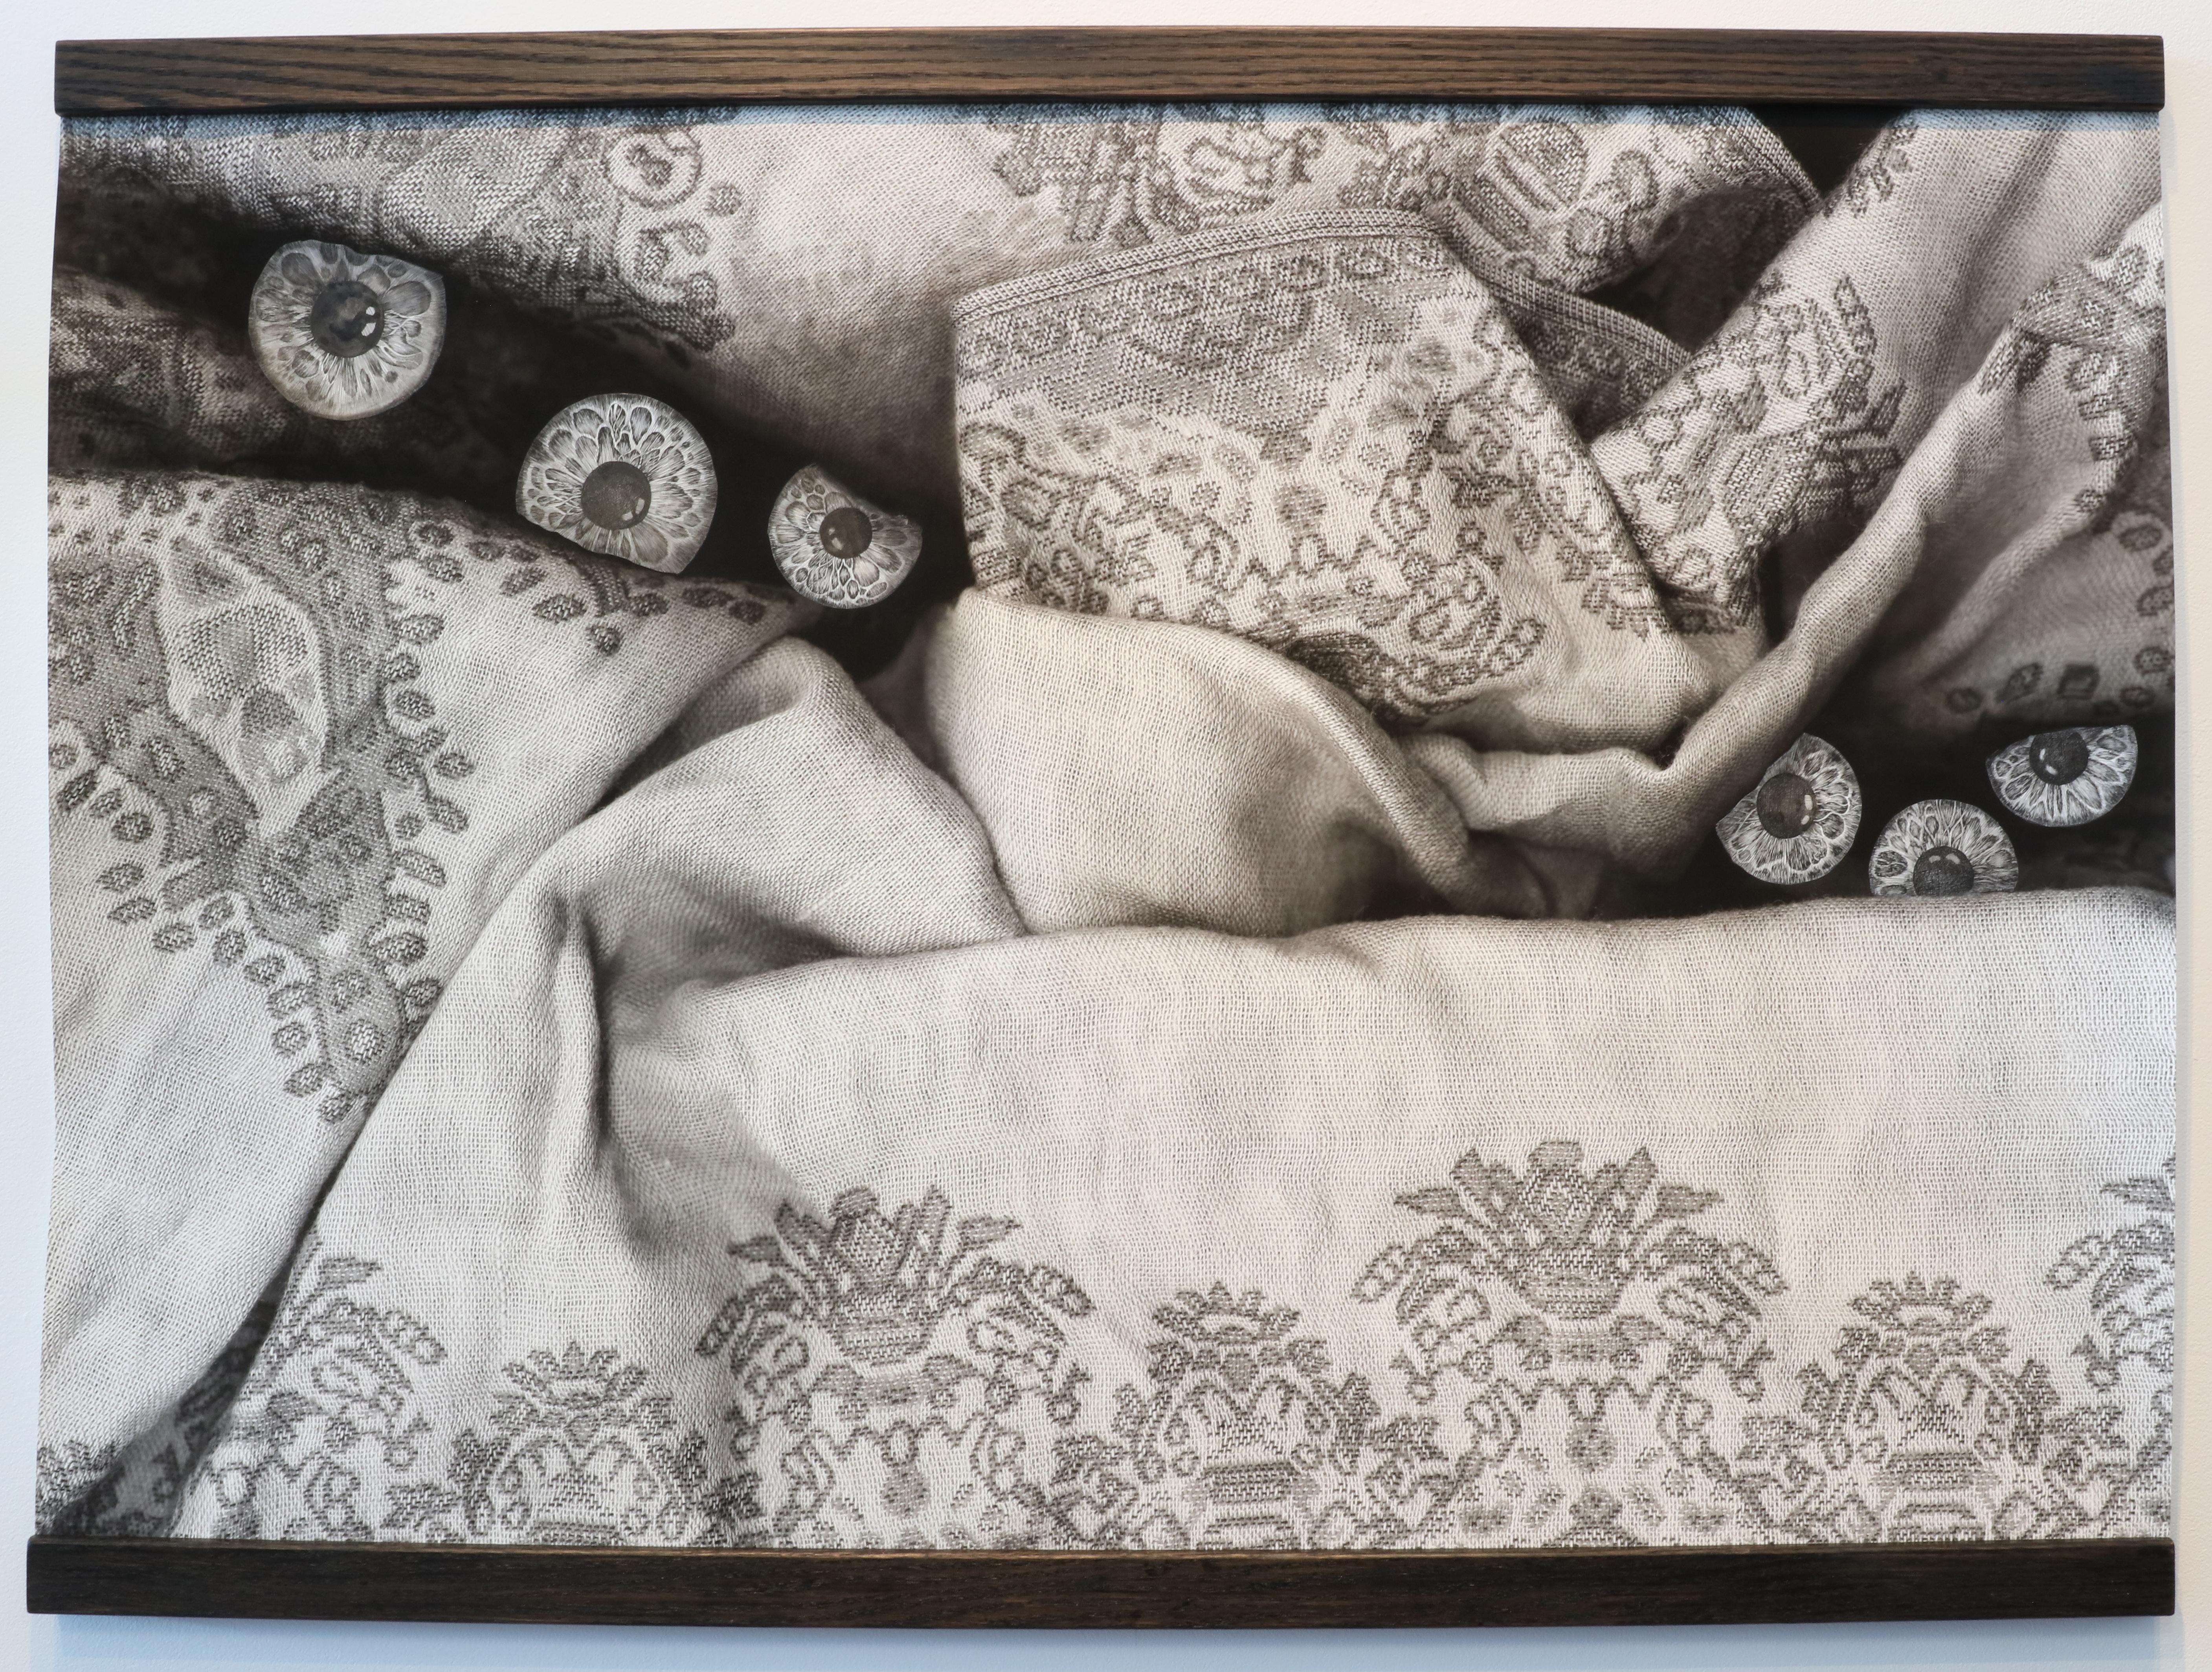 KS_2016 (The Fabric of Femininity) Eyes